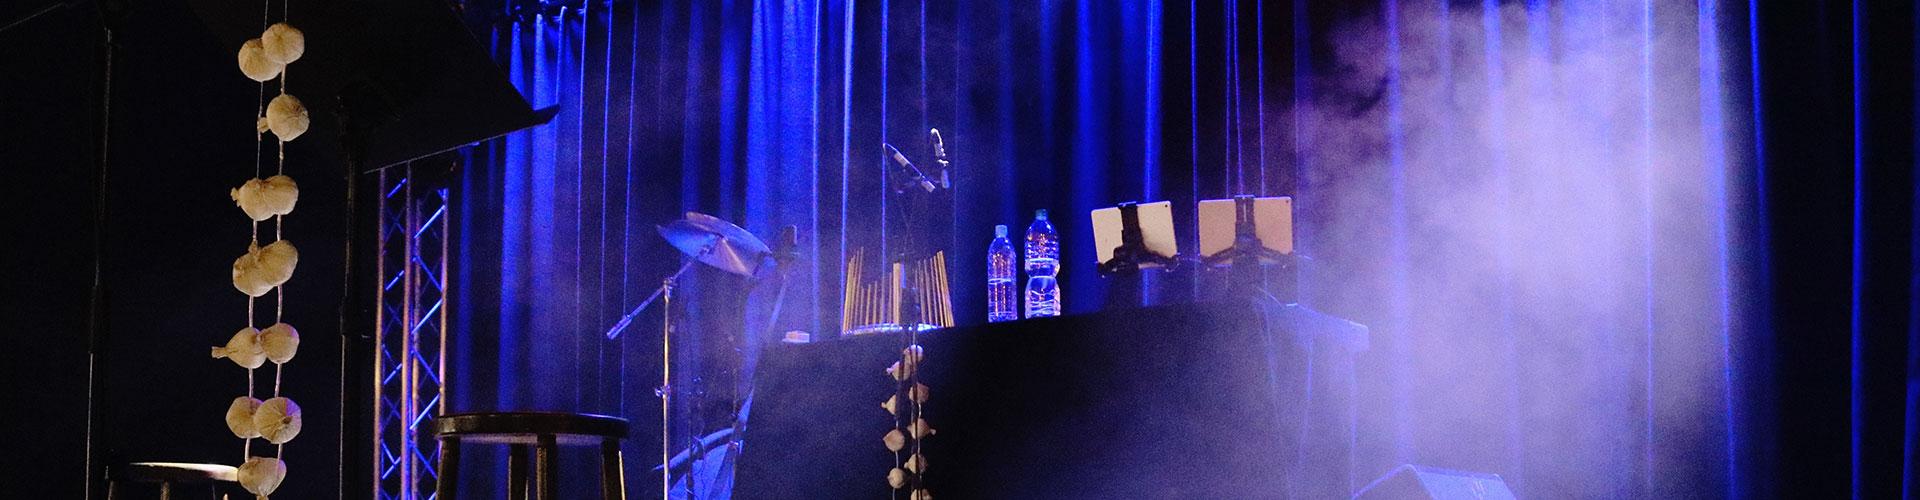 Veranstaltungs-Bild